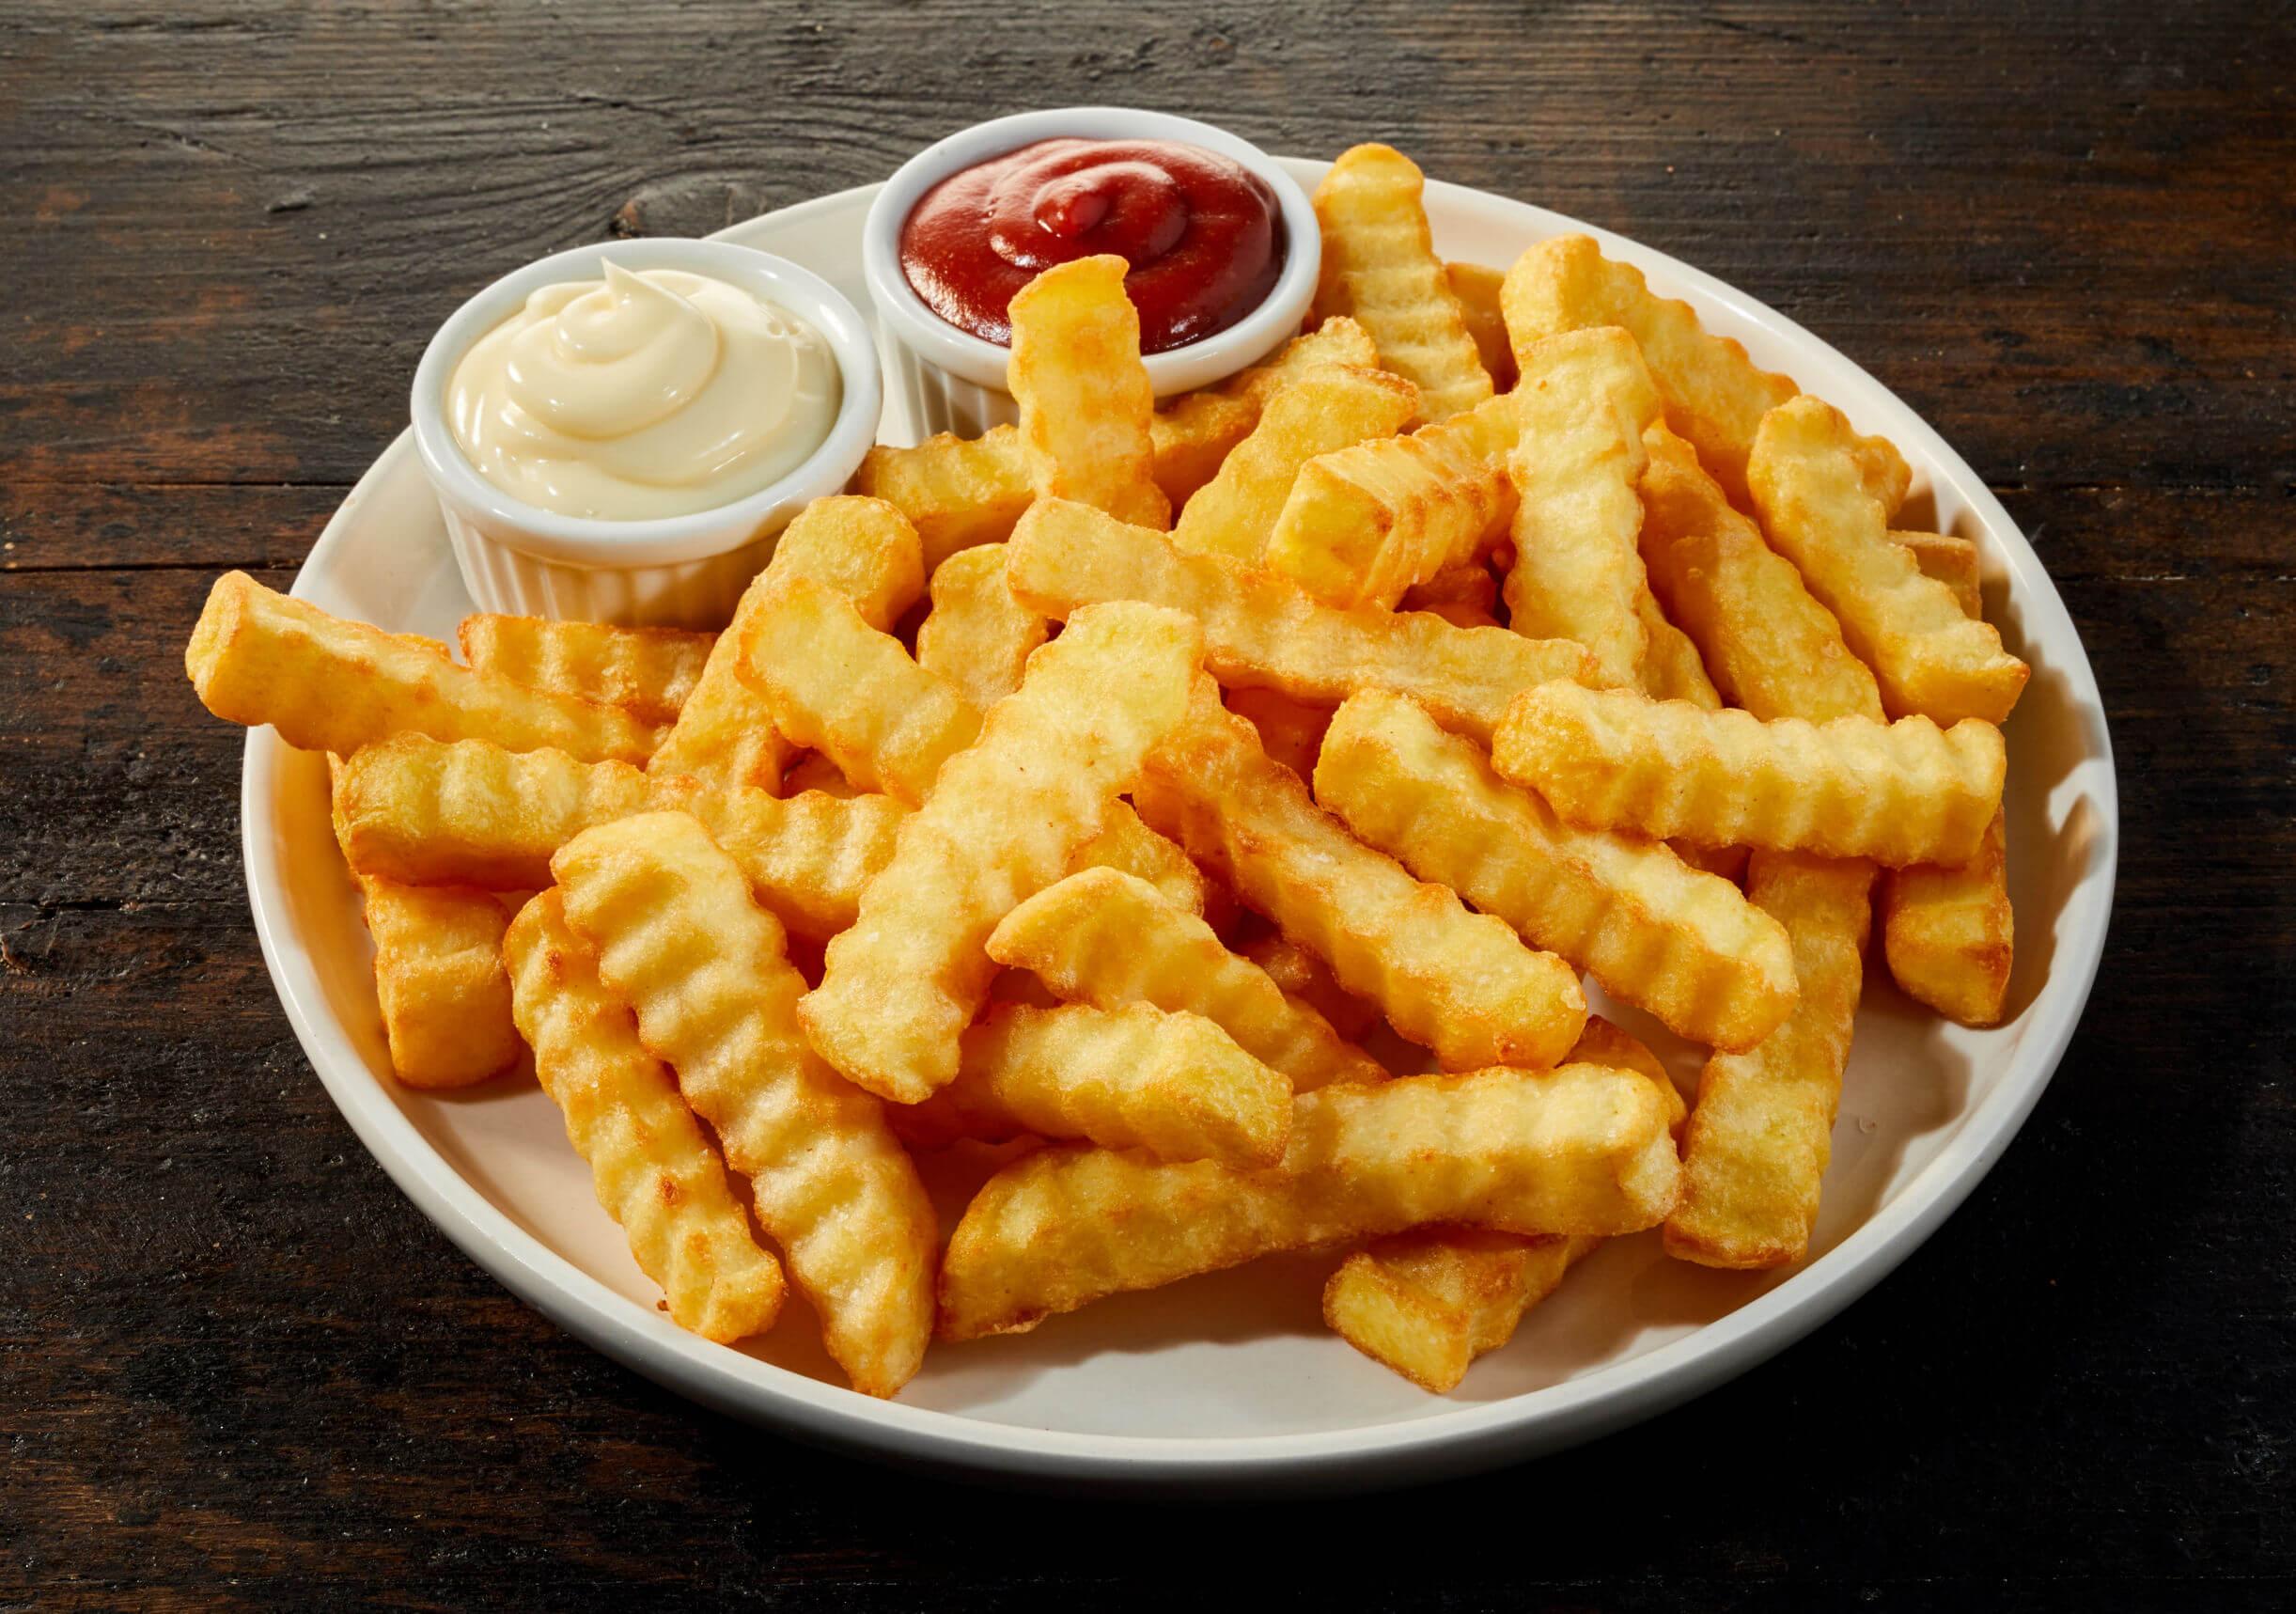 Entre los alimentos prohibidos colon irritable están las patatas fritas.